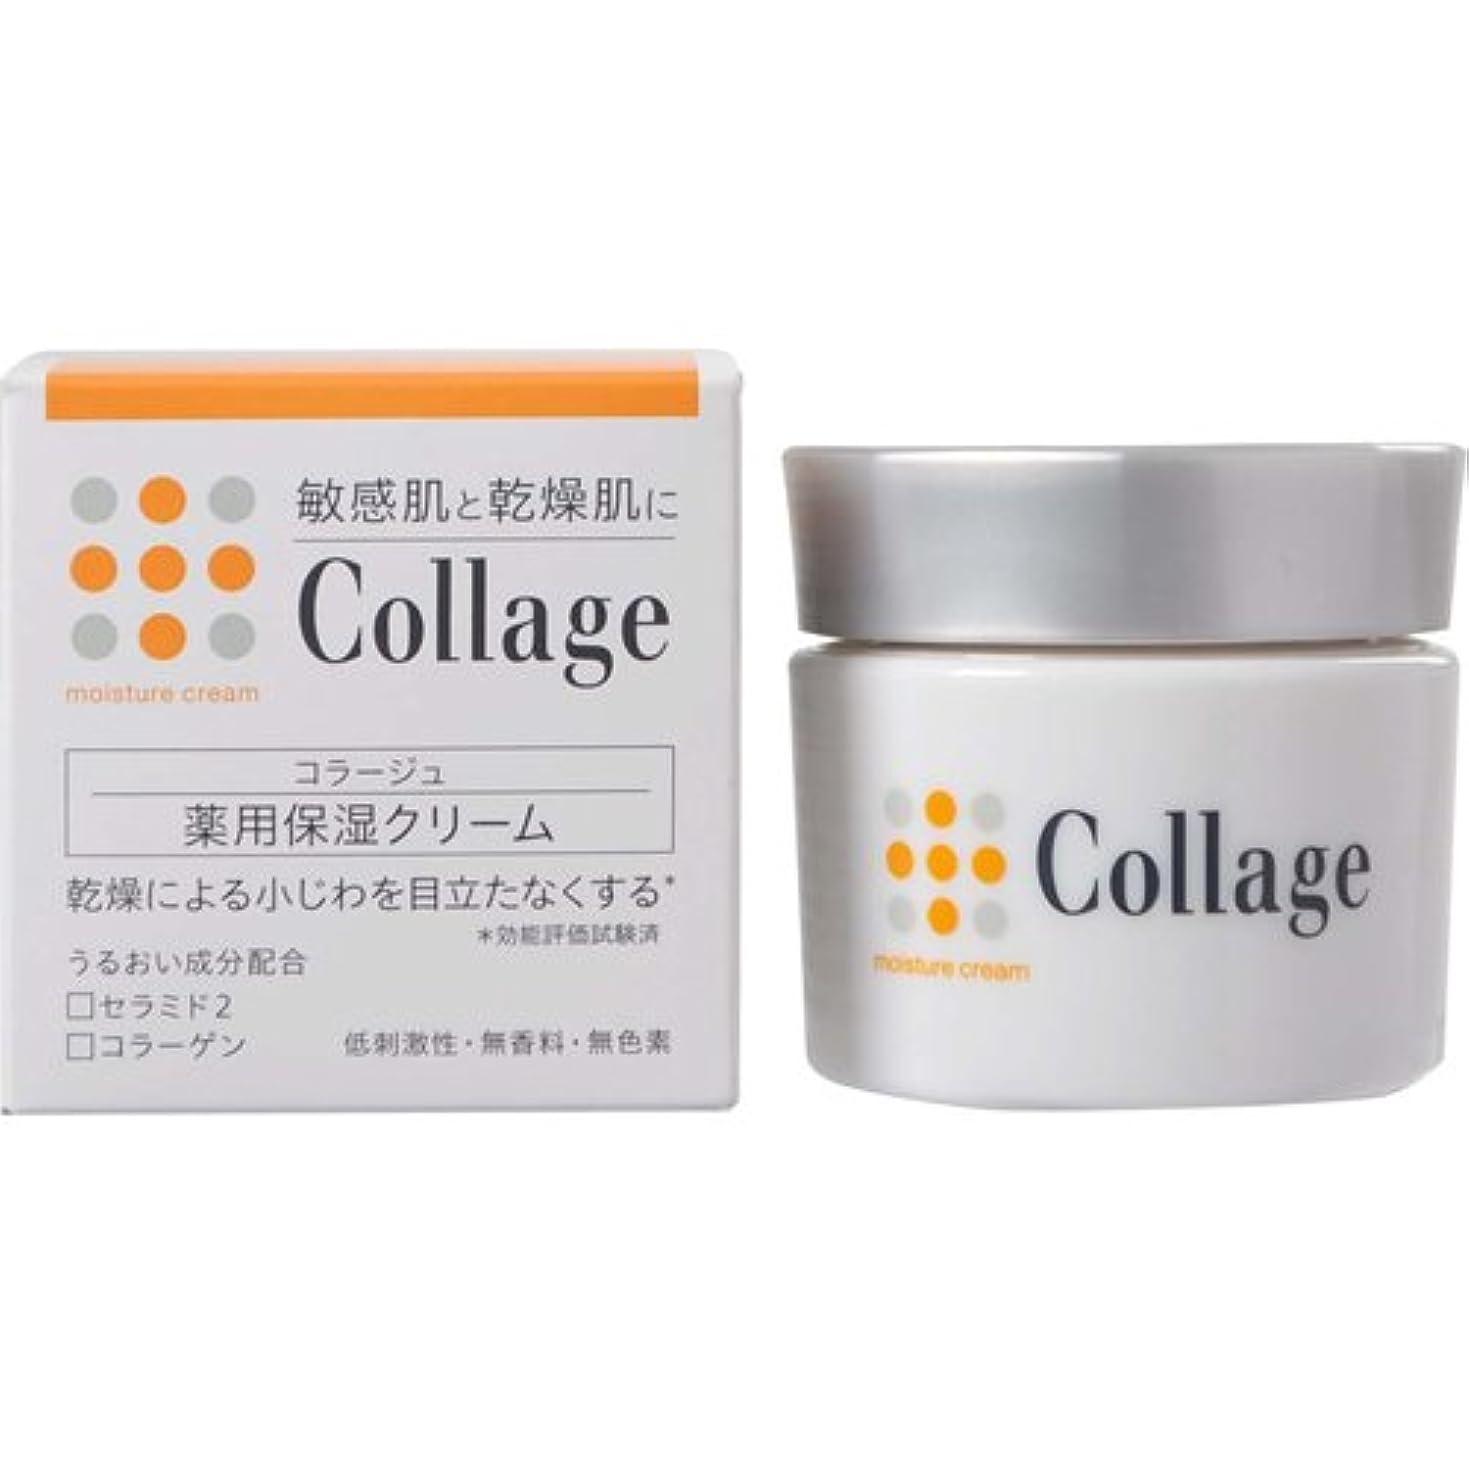 状百万プラスコラージュ 薬用保湿クリーム 30g 【医薬部外品】